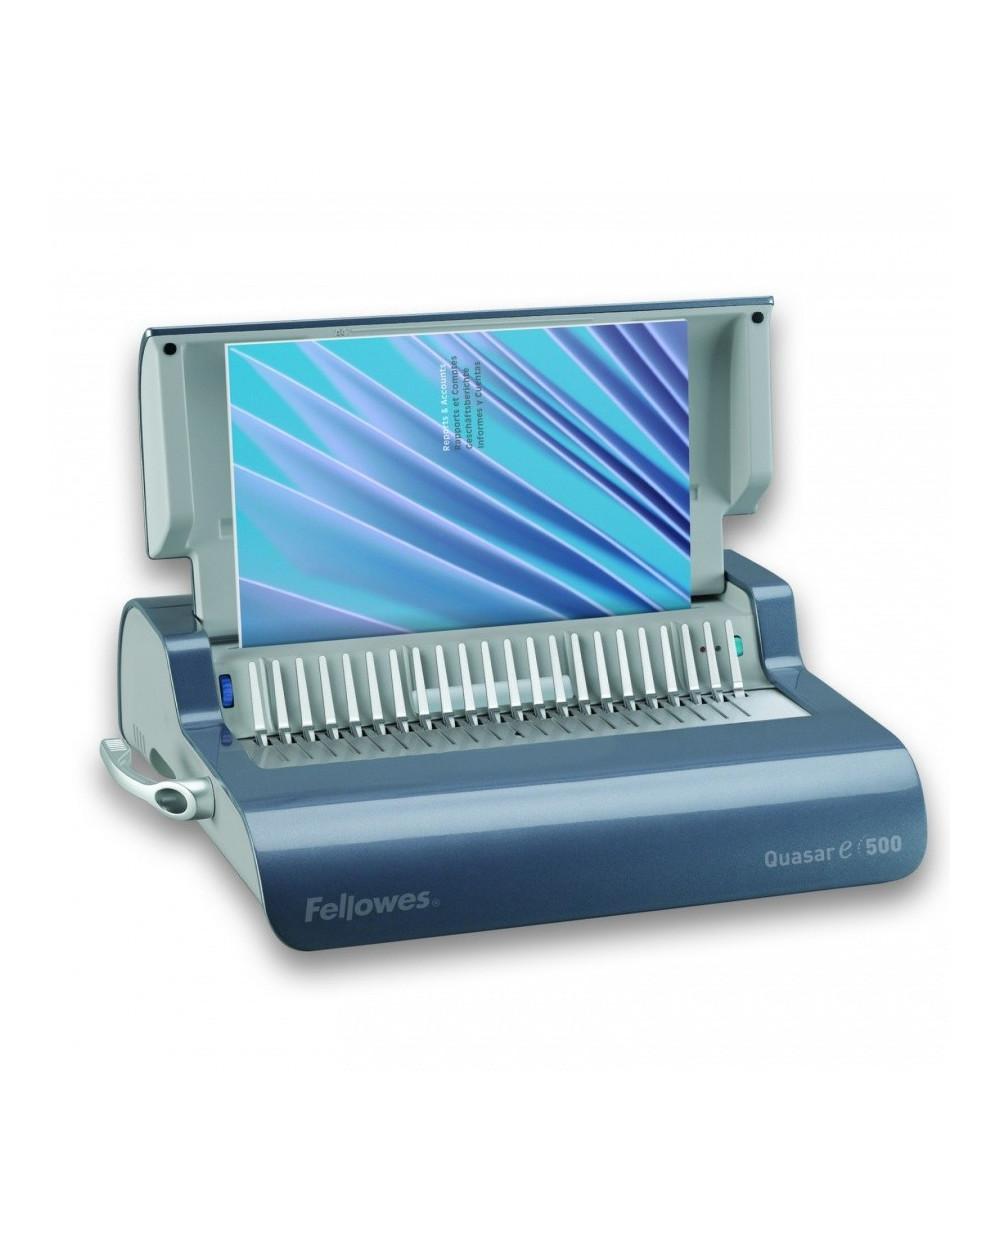 Подвързваща машина Fellowes Quasar - Е500